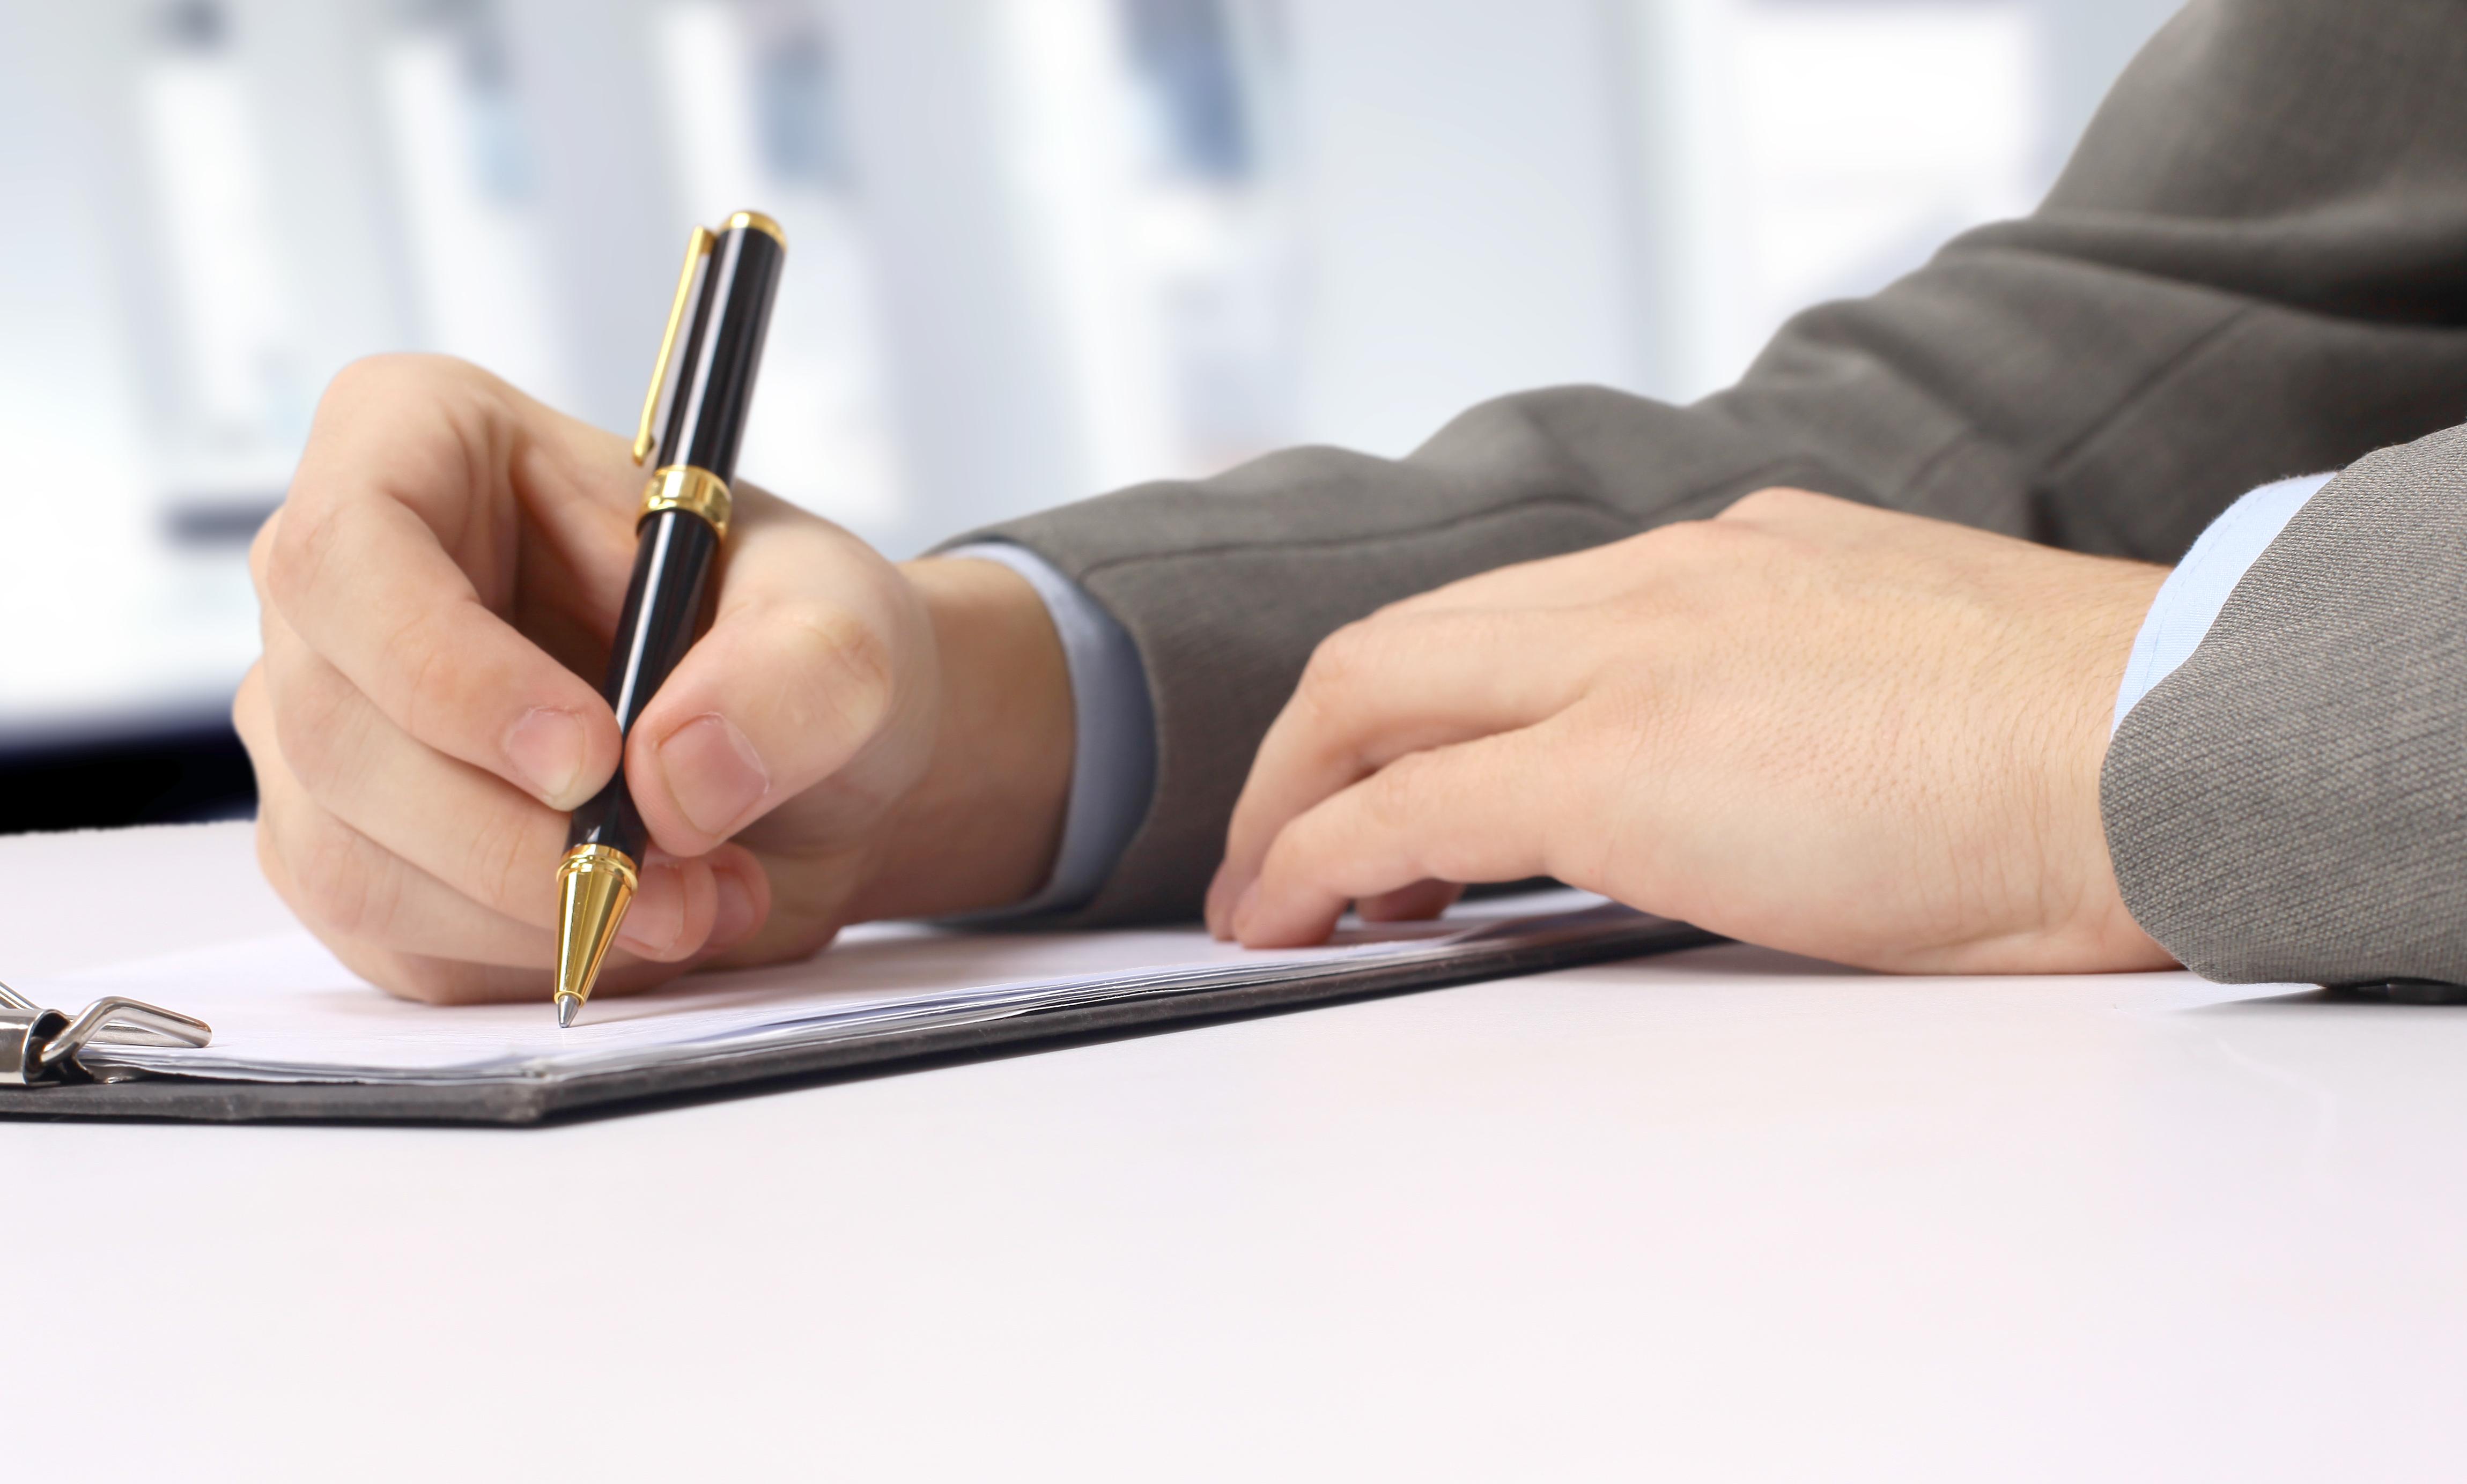 צילום קרוב של יד של גבר אוחז בעט וכותבת על מסמך